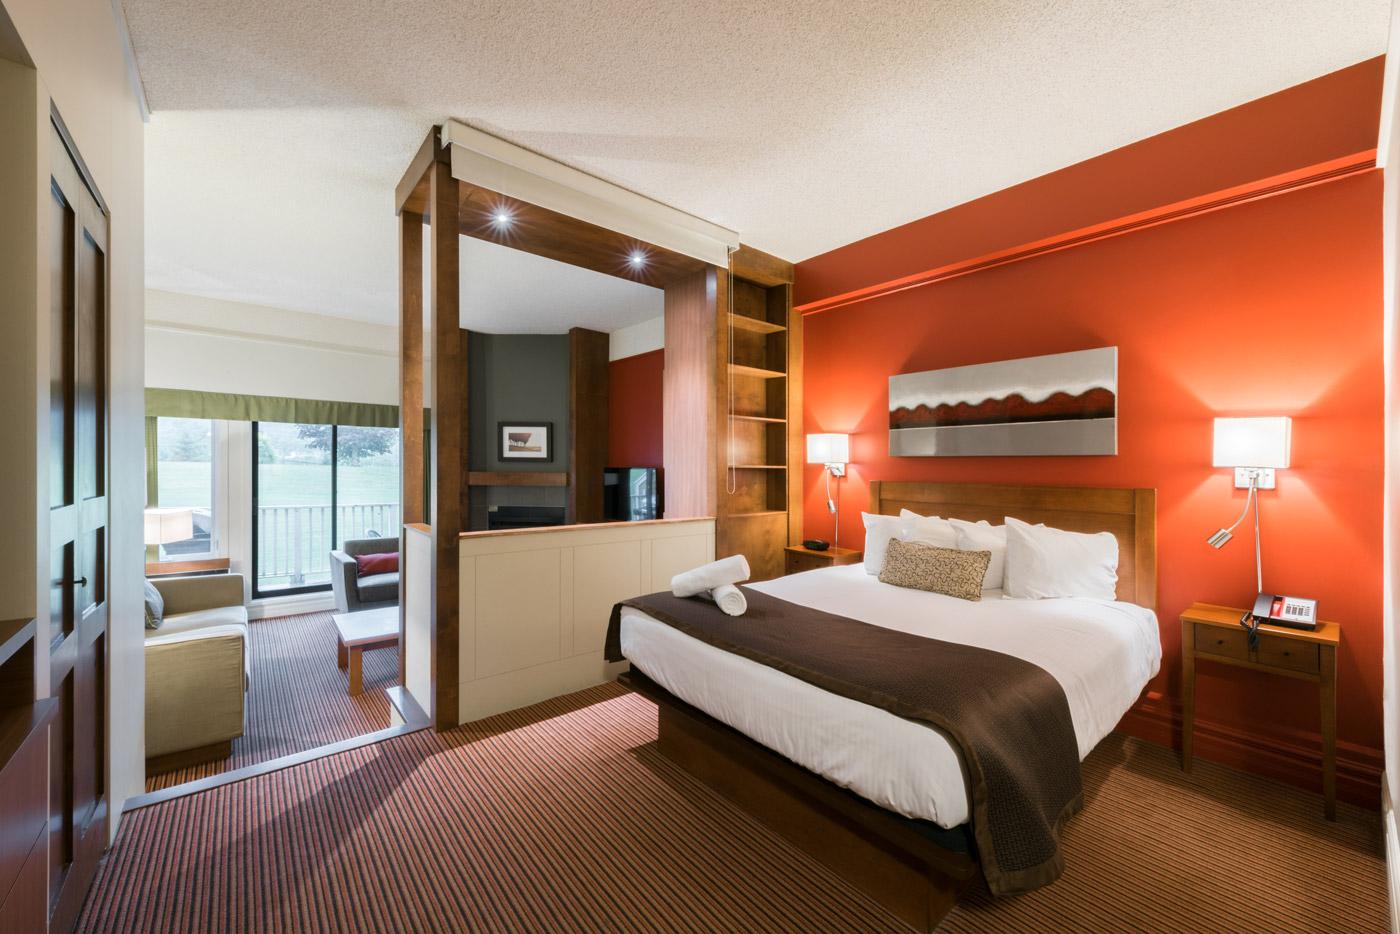 Hotel Avec Foyer : Suites supérieures à magog estrie hôtel estrimont